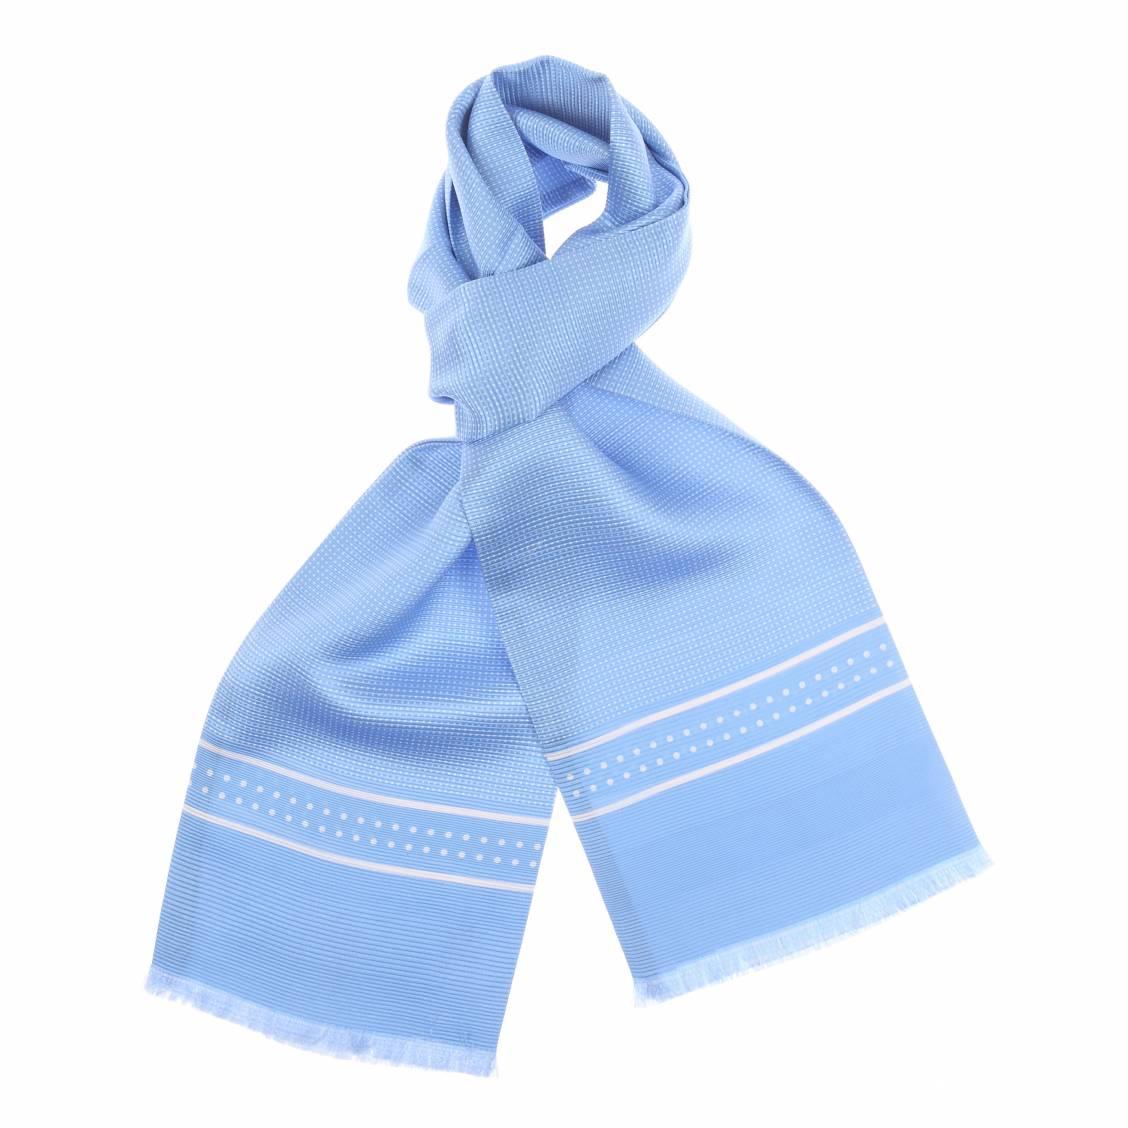 Echarpe en soie bleu ciel à pois blanc